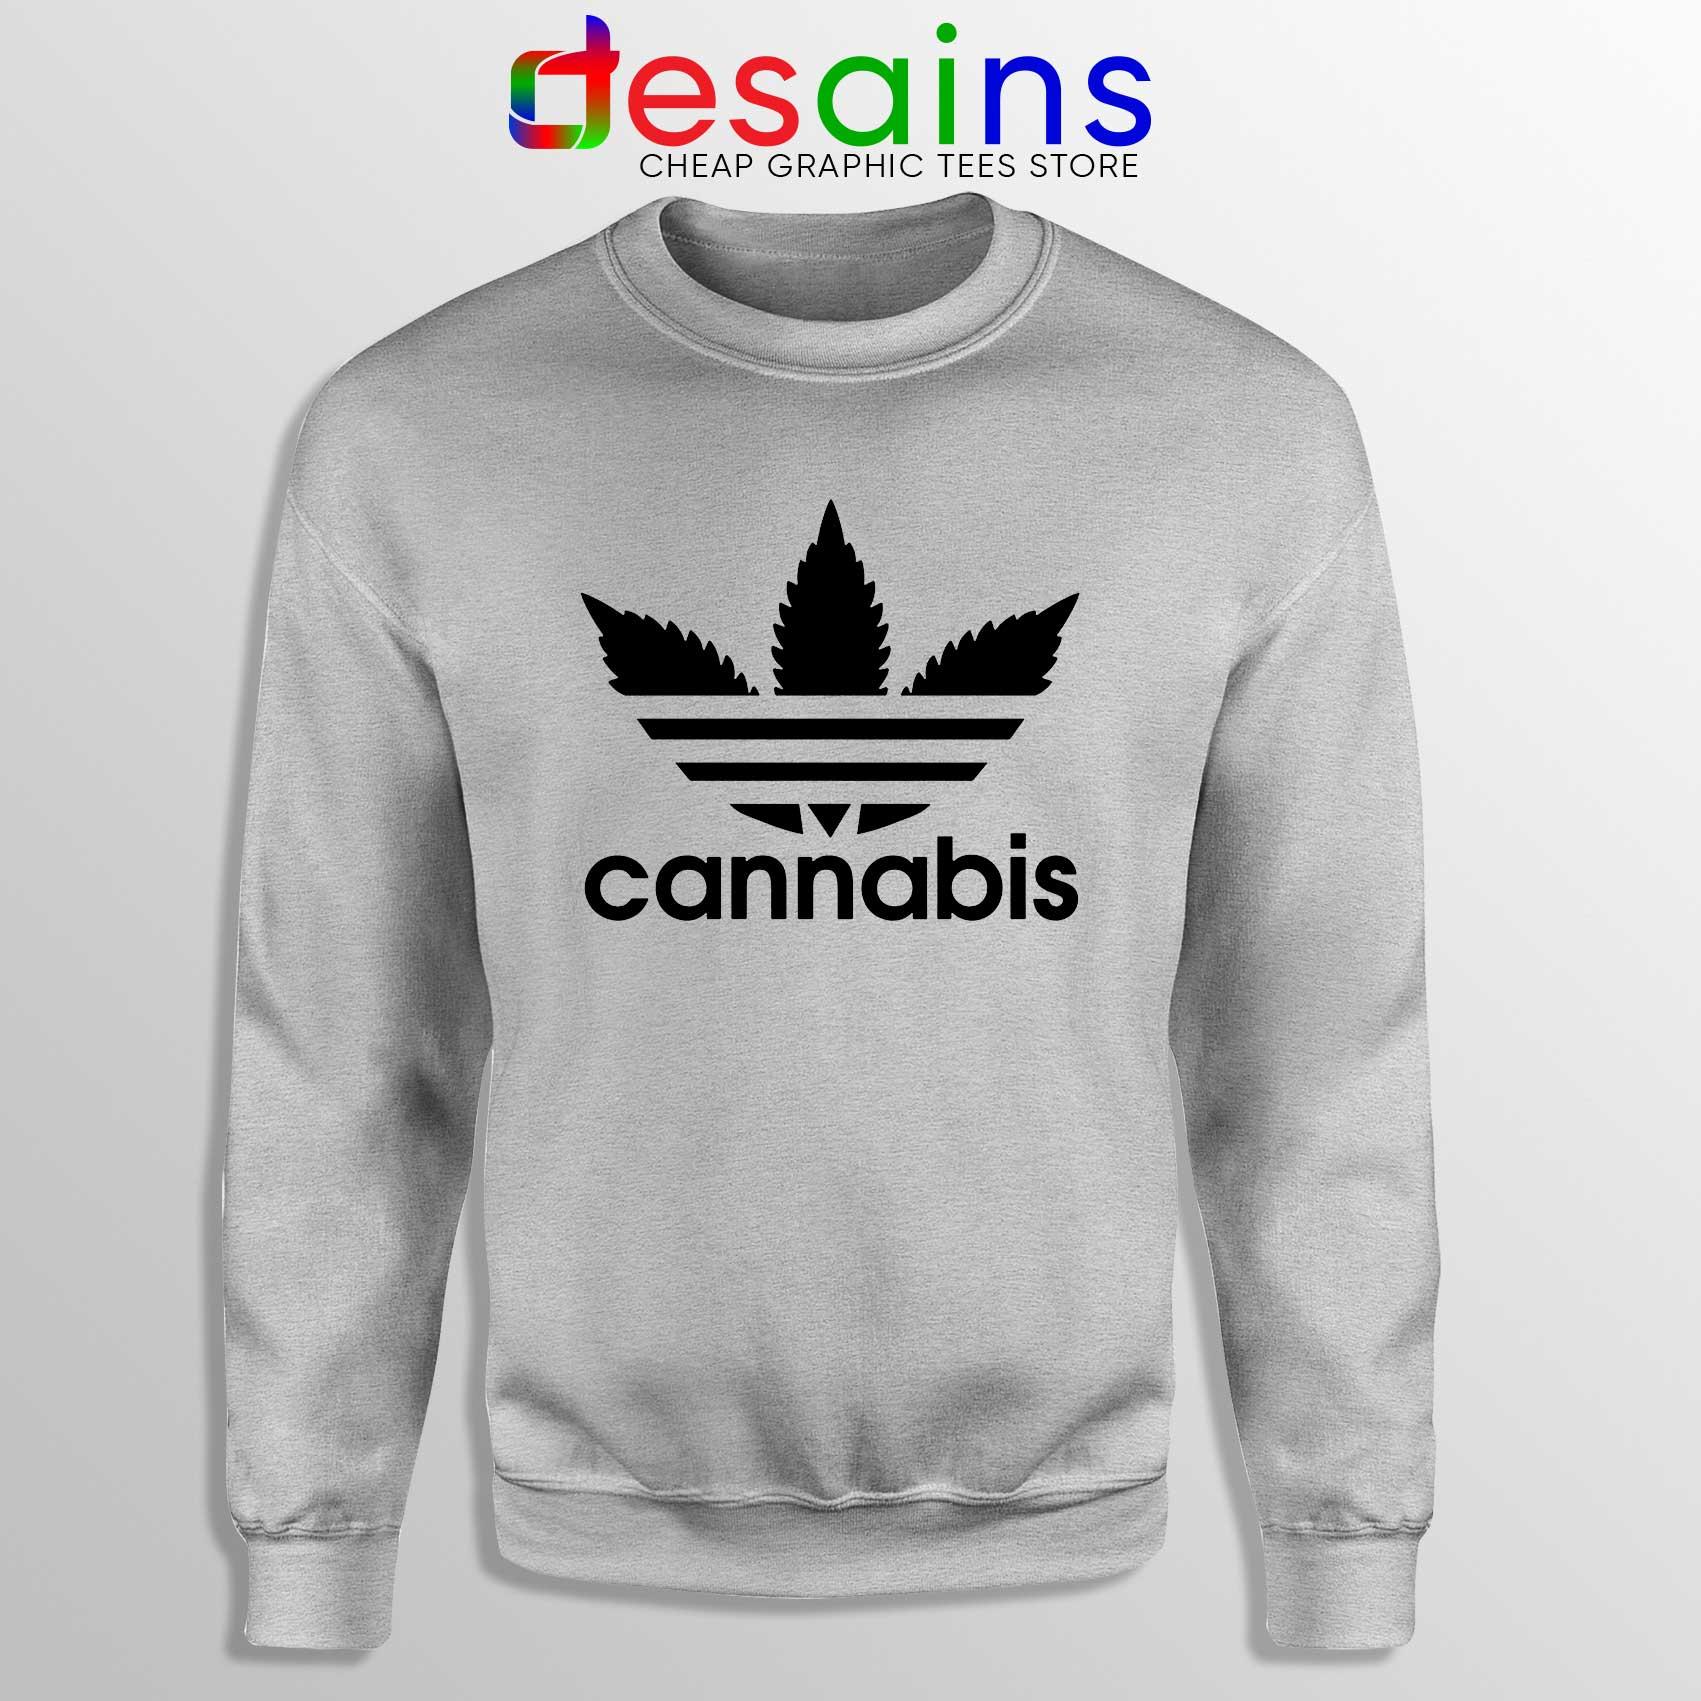 Buy Sweatshirt Cannabis Leaf Adidas Crewneck Funny Adidas Size S 3XL